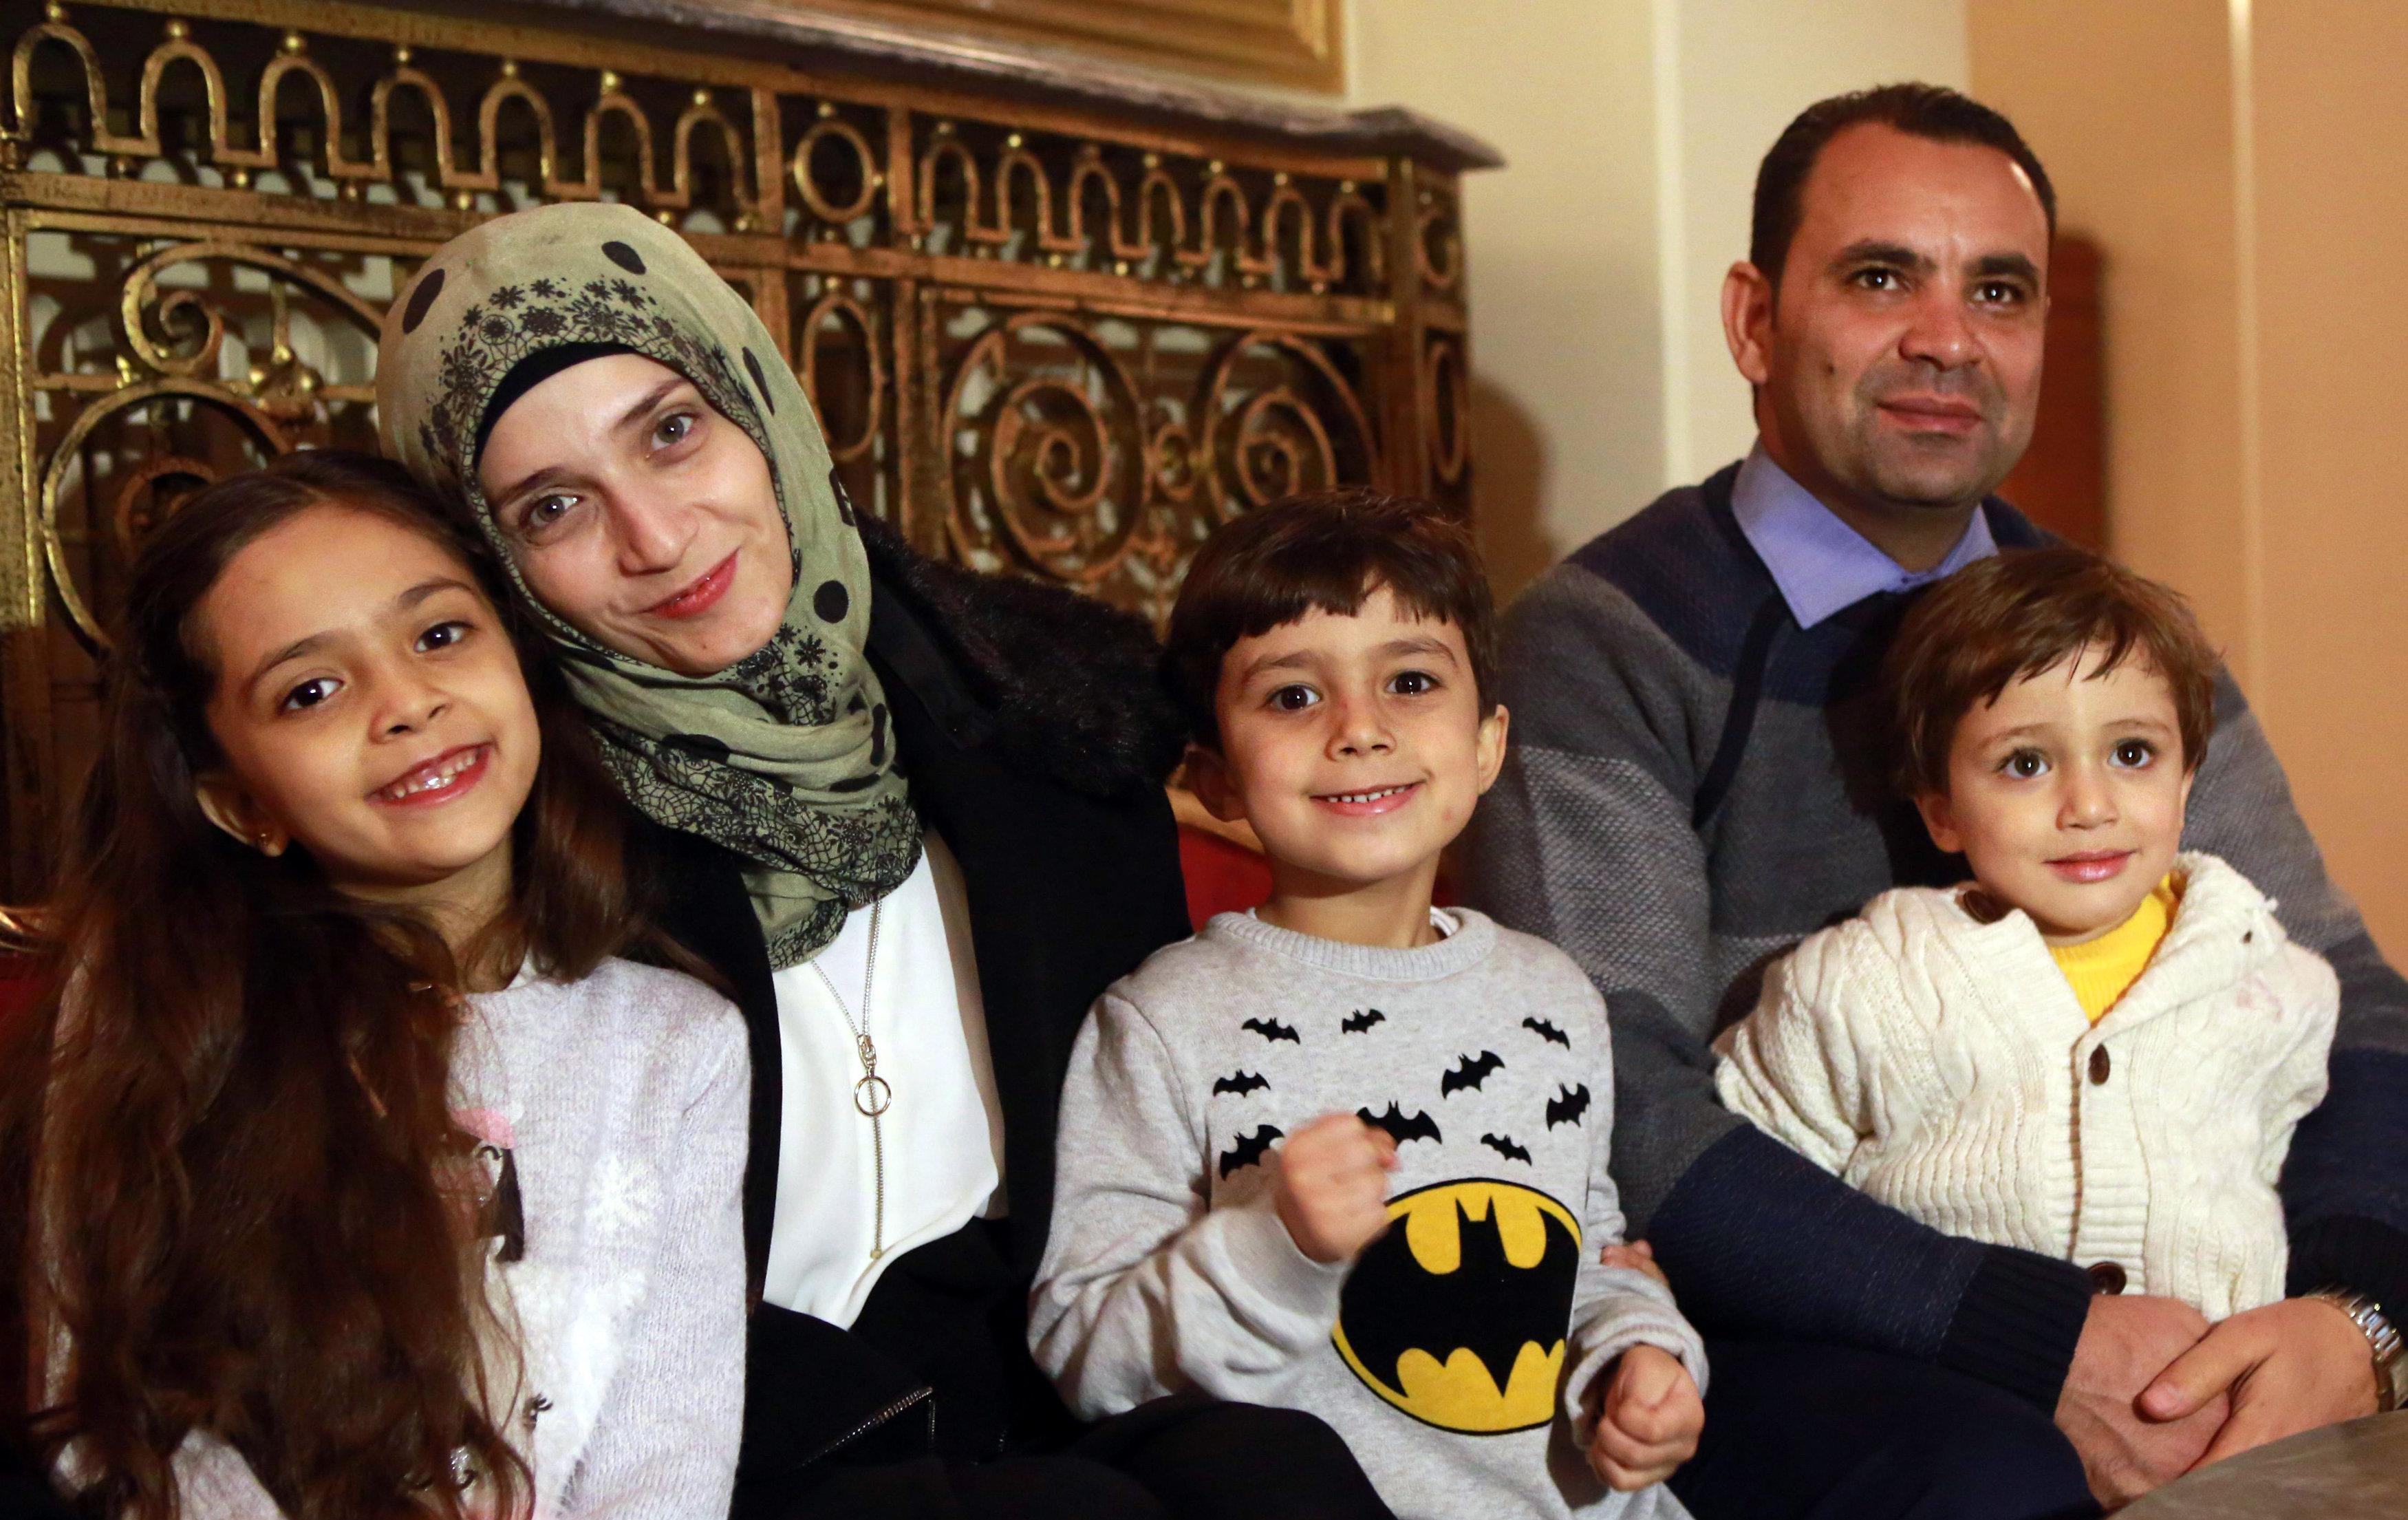 Família de Bana Alabed: Bana, a sua mãe Fatemah, irmãos Nour e Laith, pai Ghassan, durante a entrevista em Ancara, Turquia, 22 de dezembro de 2016